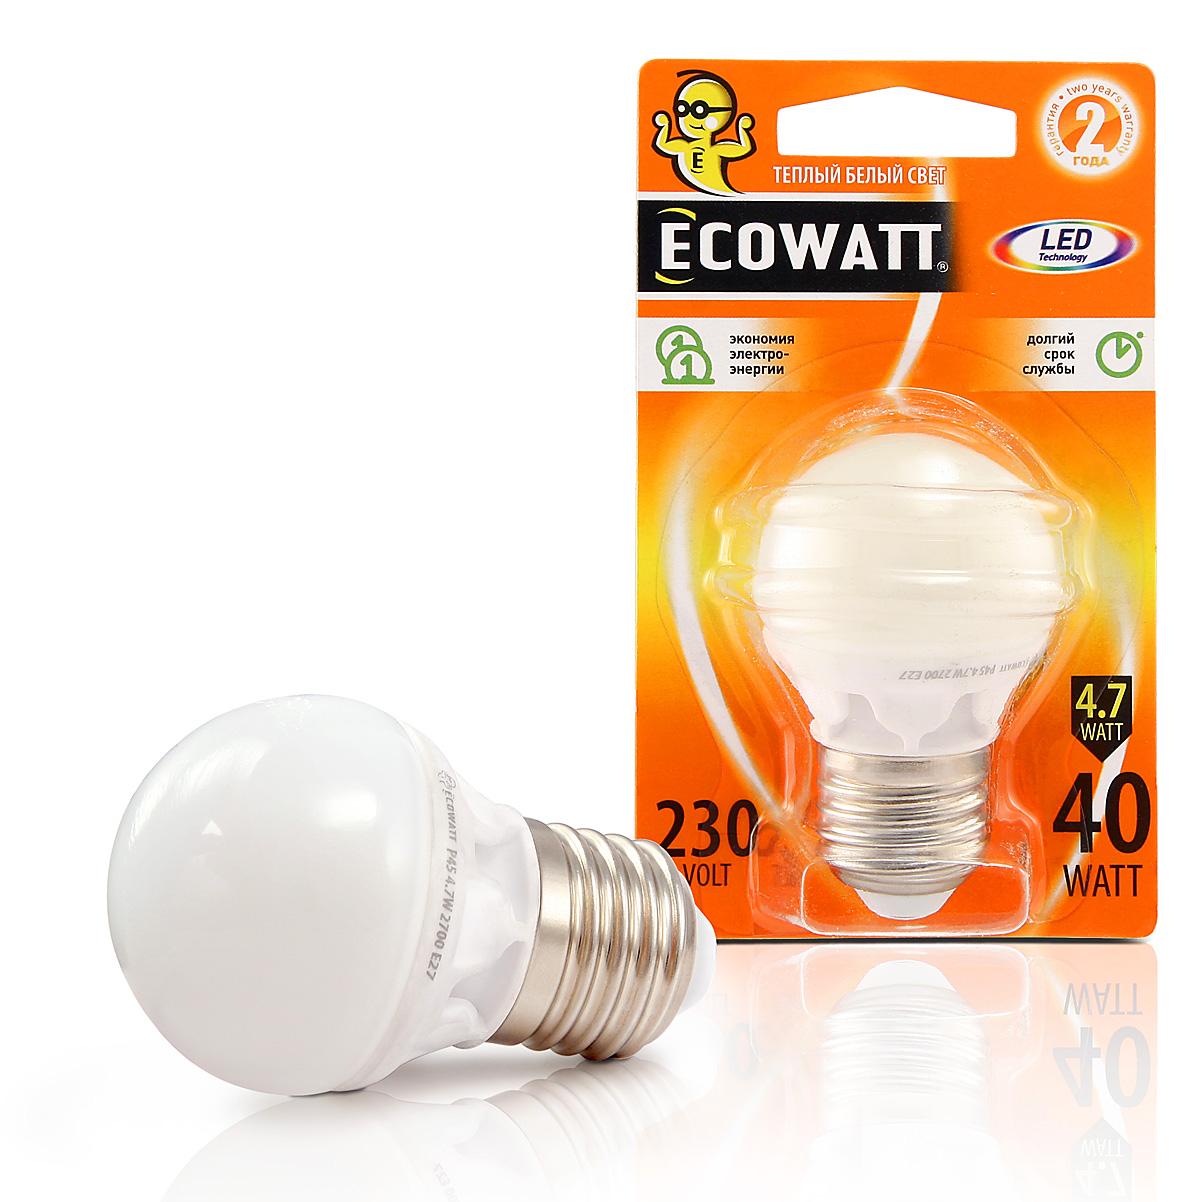 Купить Лампа светодиодная Ecowatt P45 230В 4.7(40)w 2700k e27